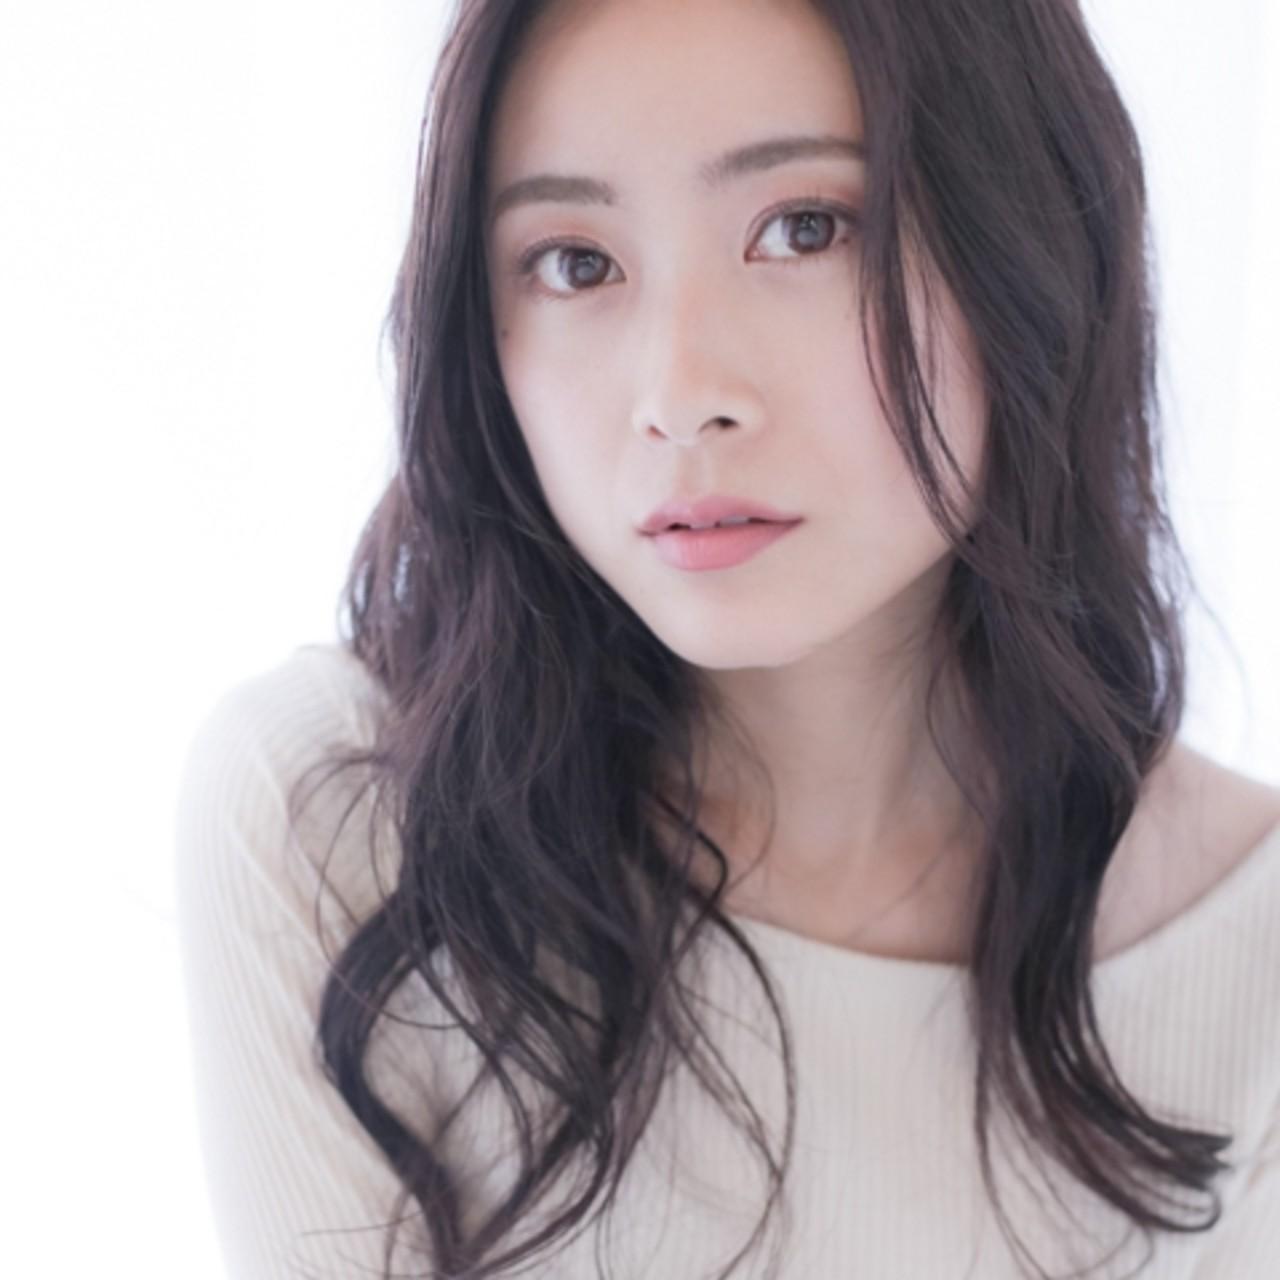 スモーキーカラー ゆるふわパーマ ナチュラル パーマ ヘアスタイルや髪型の写真・画像 | Saori Kastuki / holic